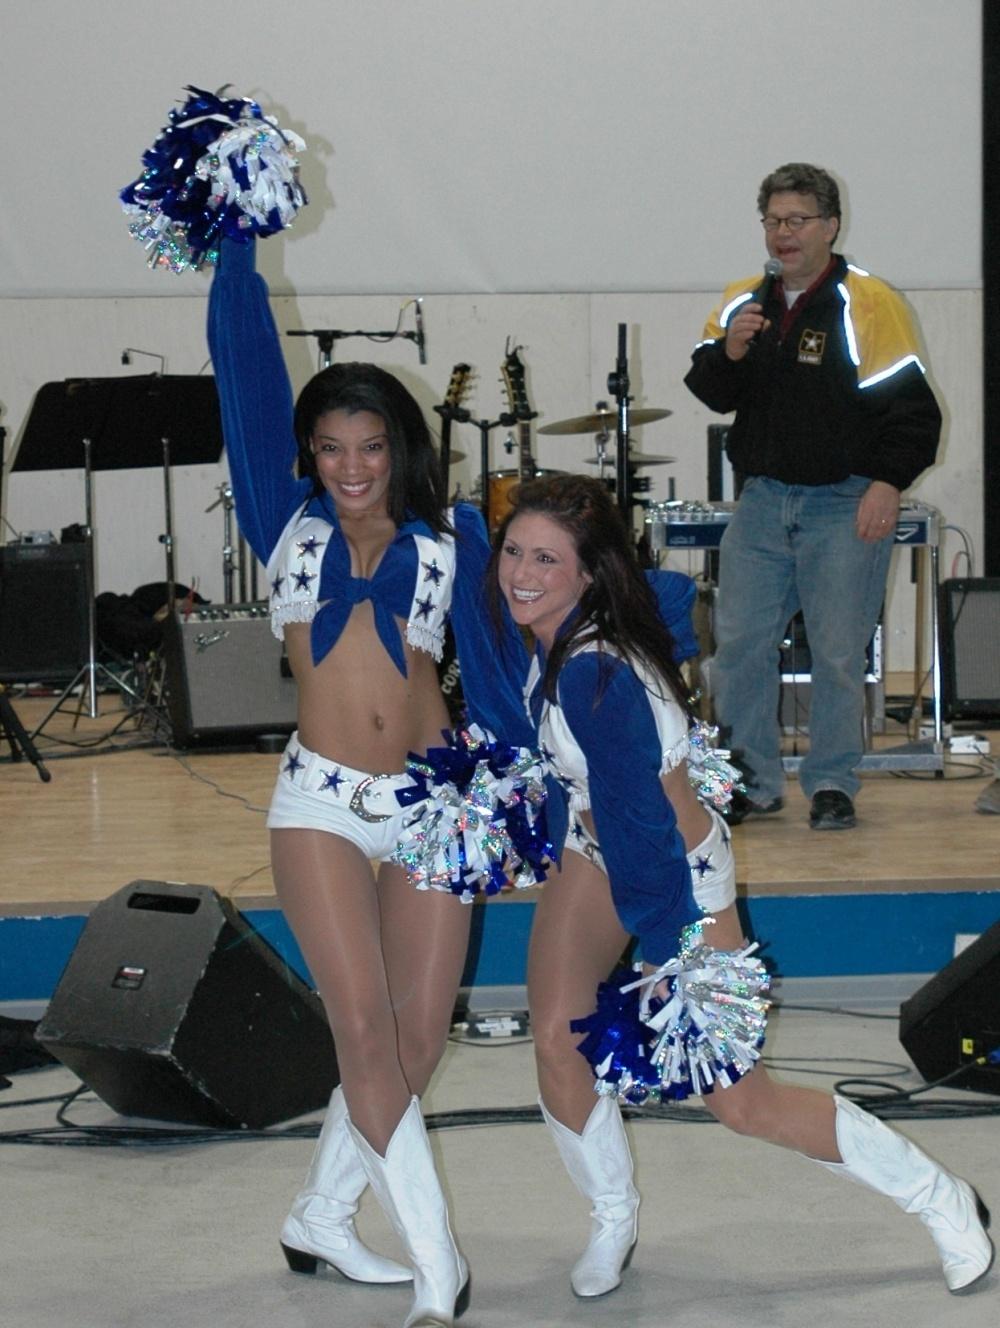 Al Franken Dallas Cowboys cheerleaders